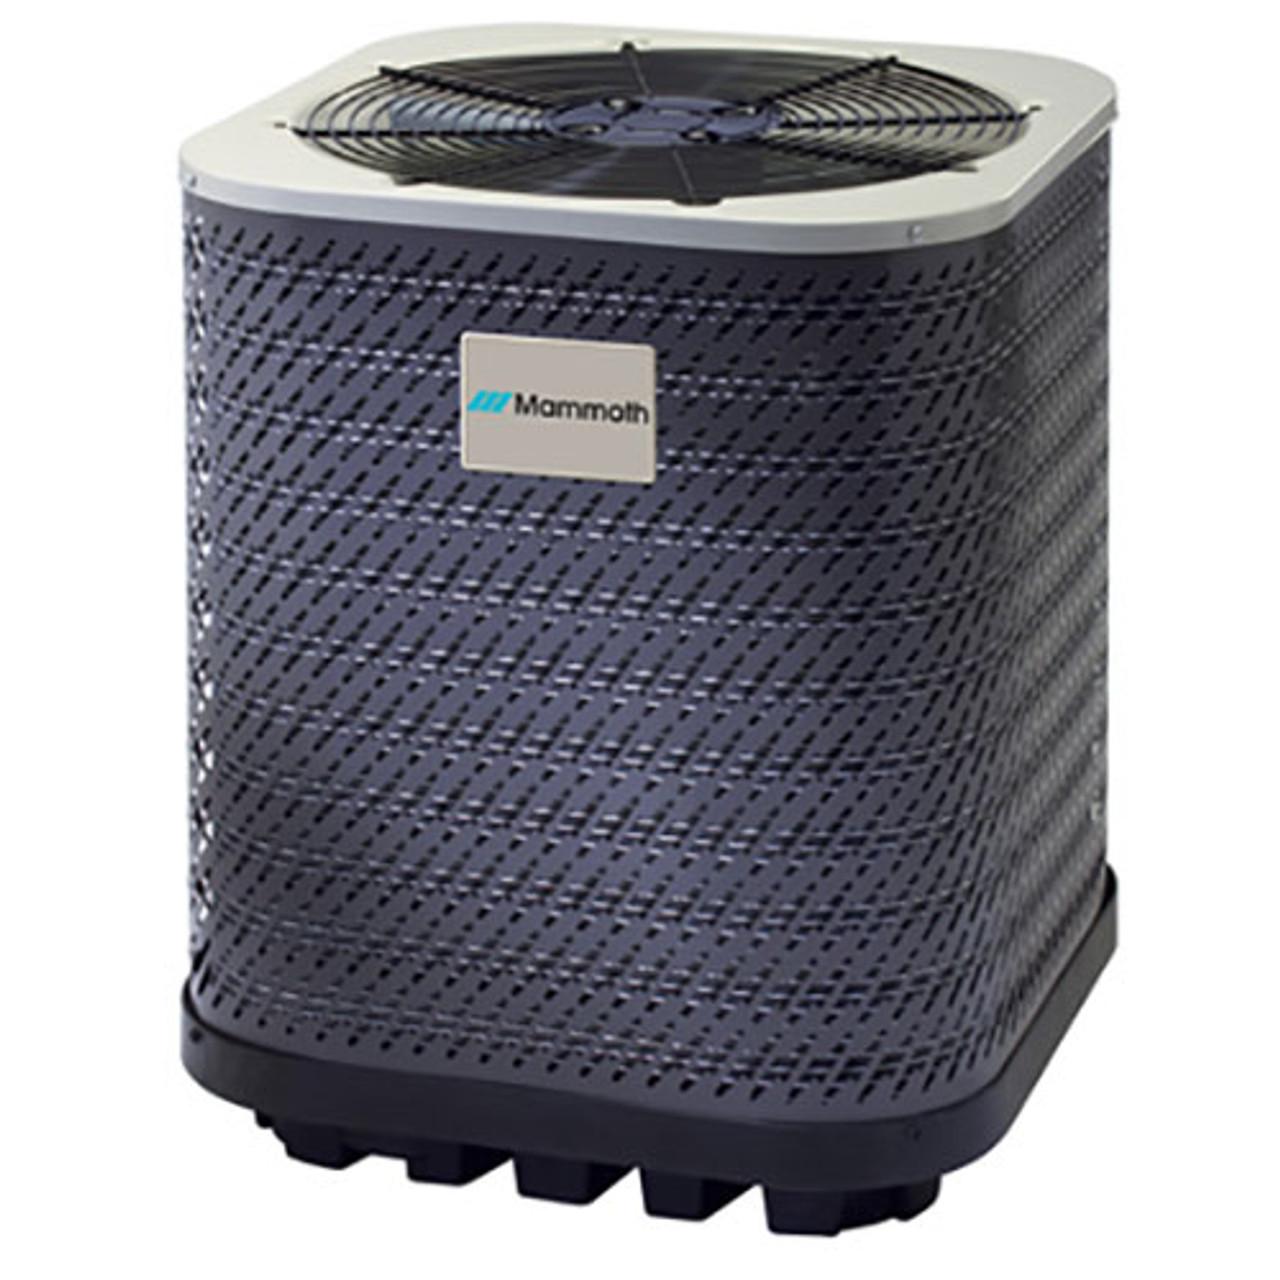 Mammoth JS4BD-048DA 4 Ton Air Conditioner 13 SEER 3PH R410A 48000 BTU - New